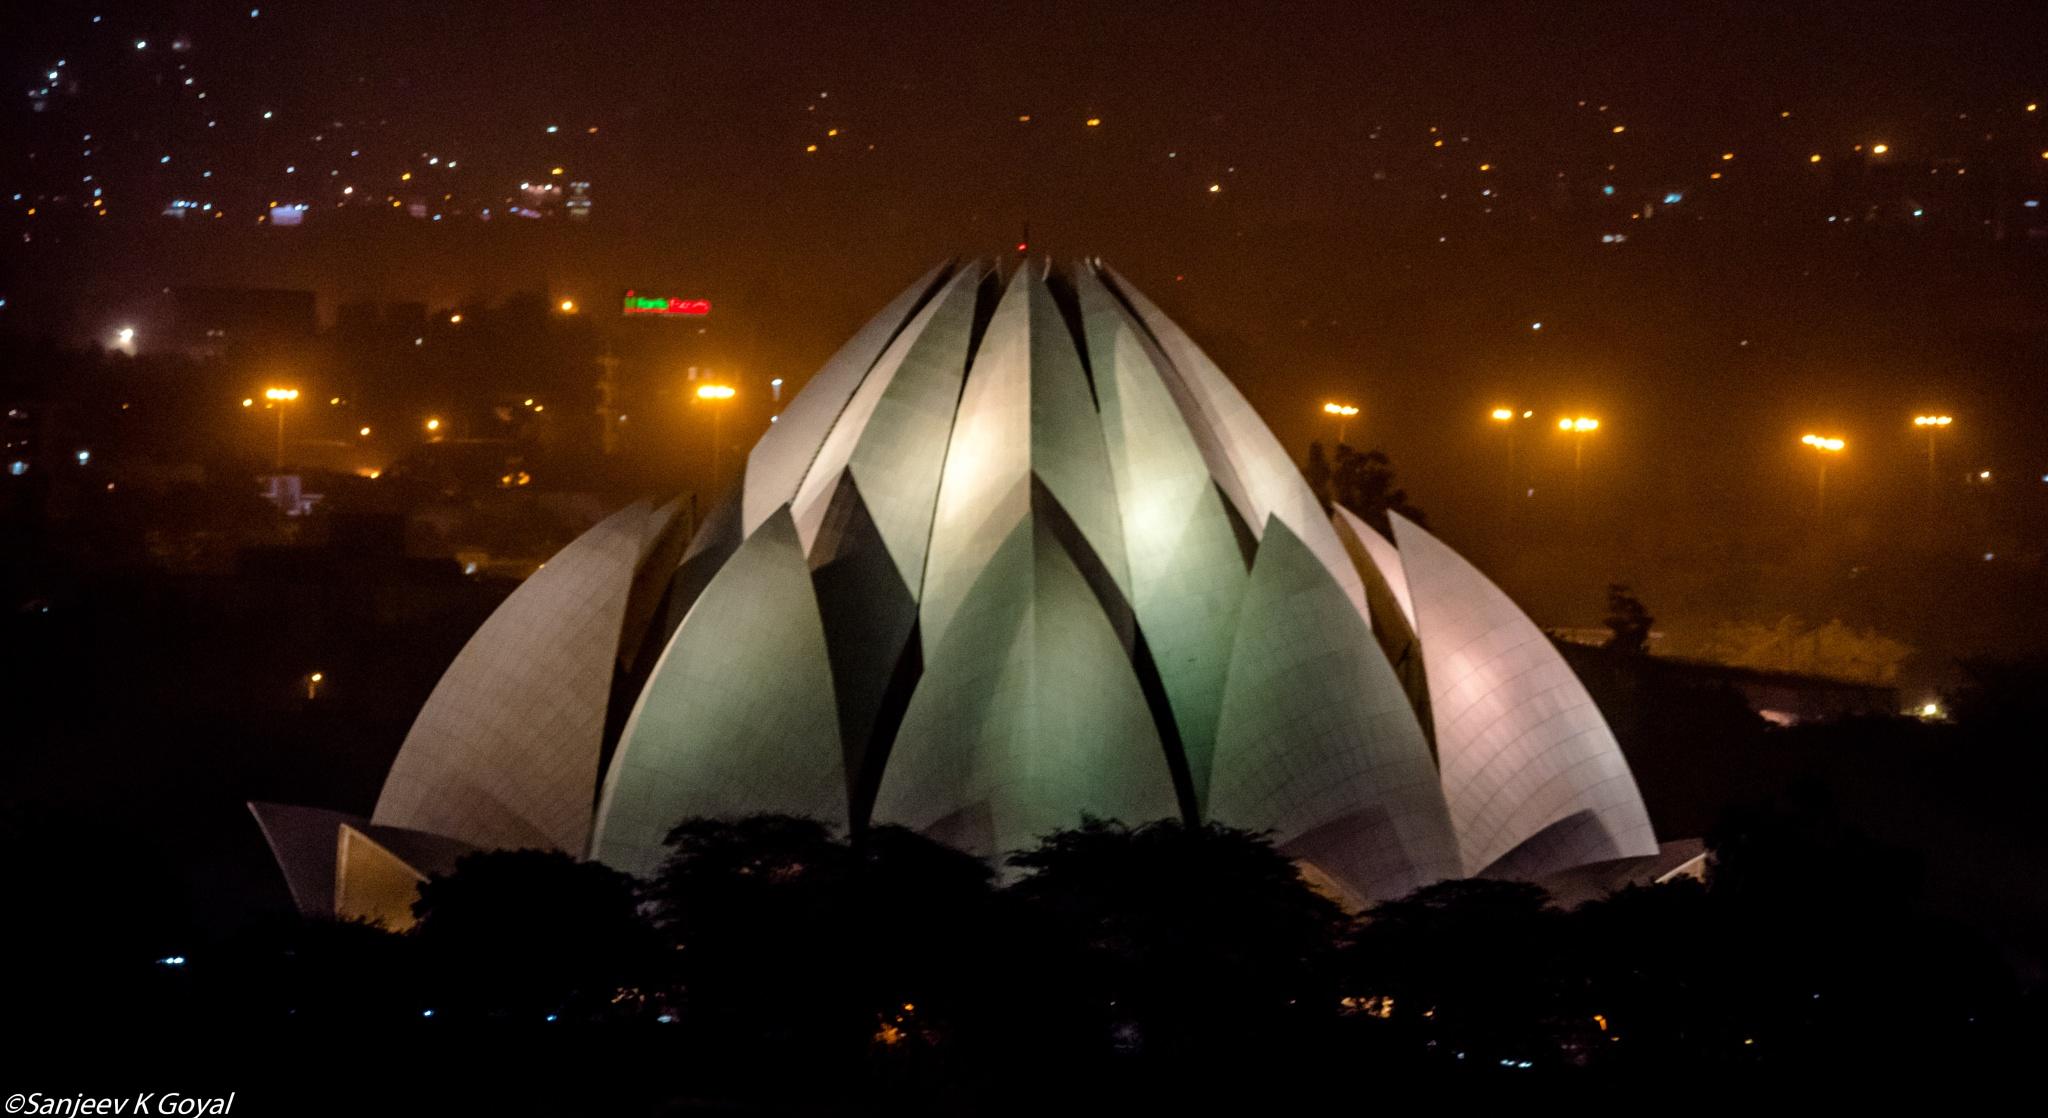 Lotus temple by sanjeev.k.goyal.10